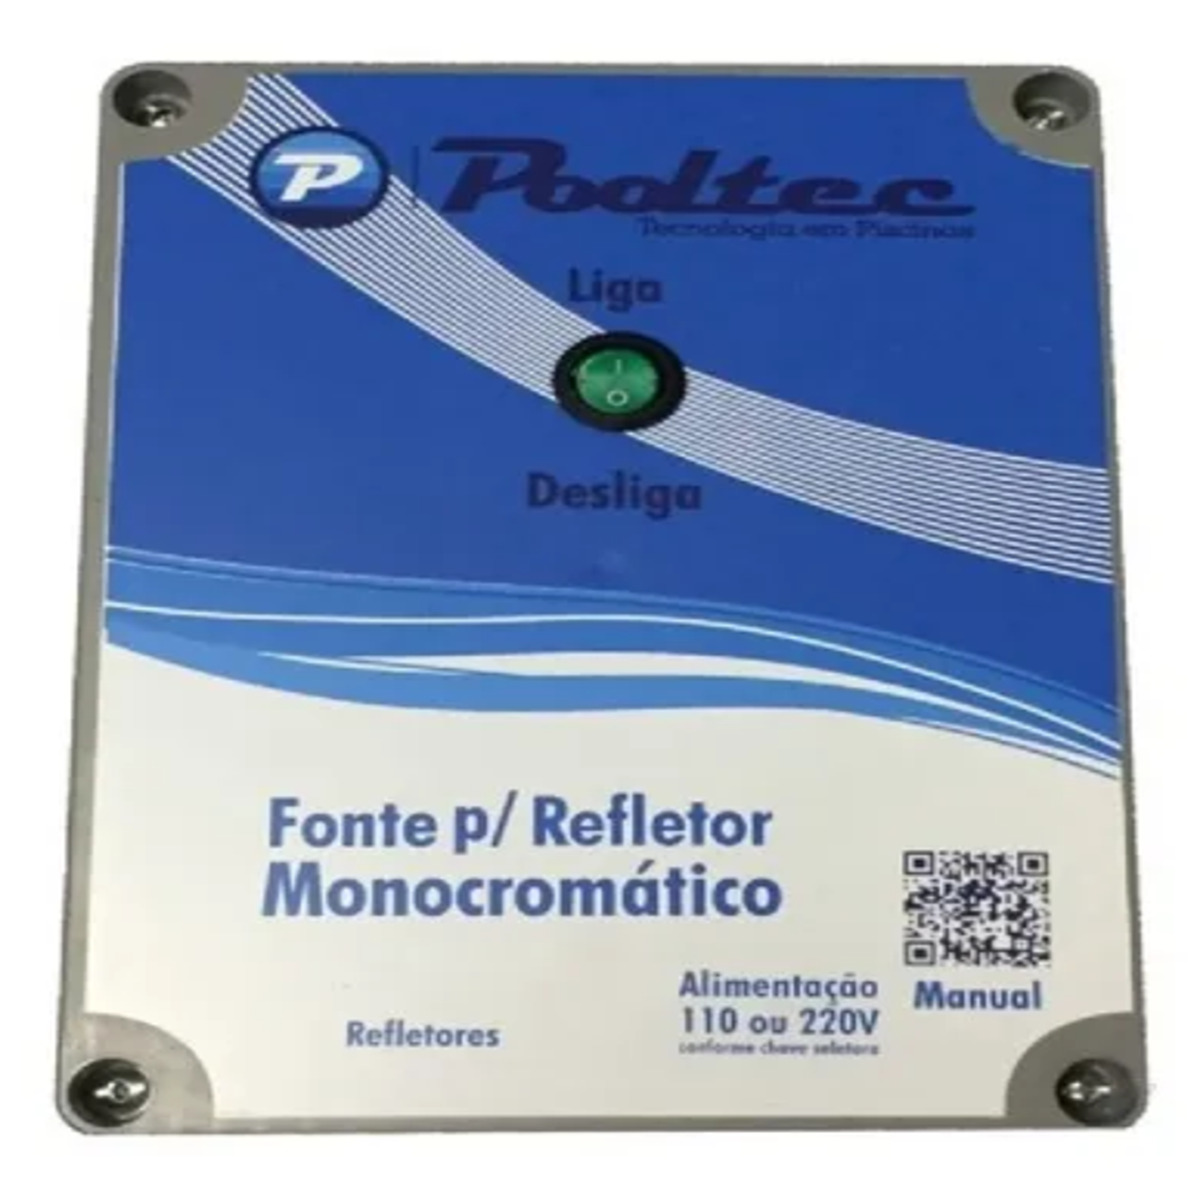 Fonte Eletronica Para iluminação subaquática Modelo G Pooltec